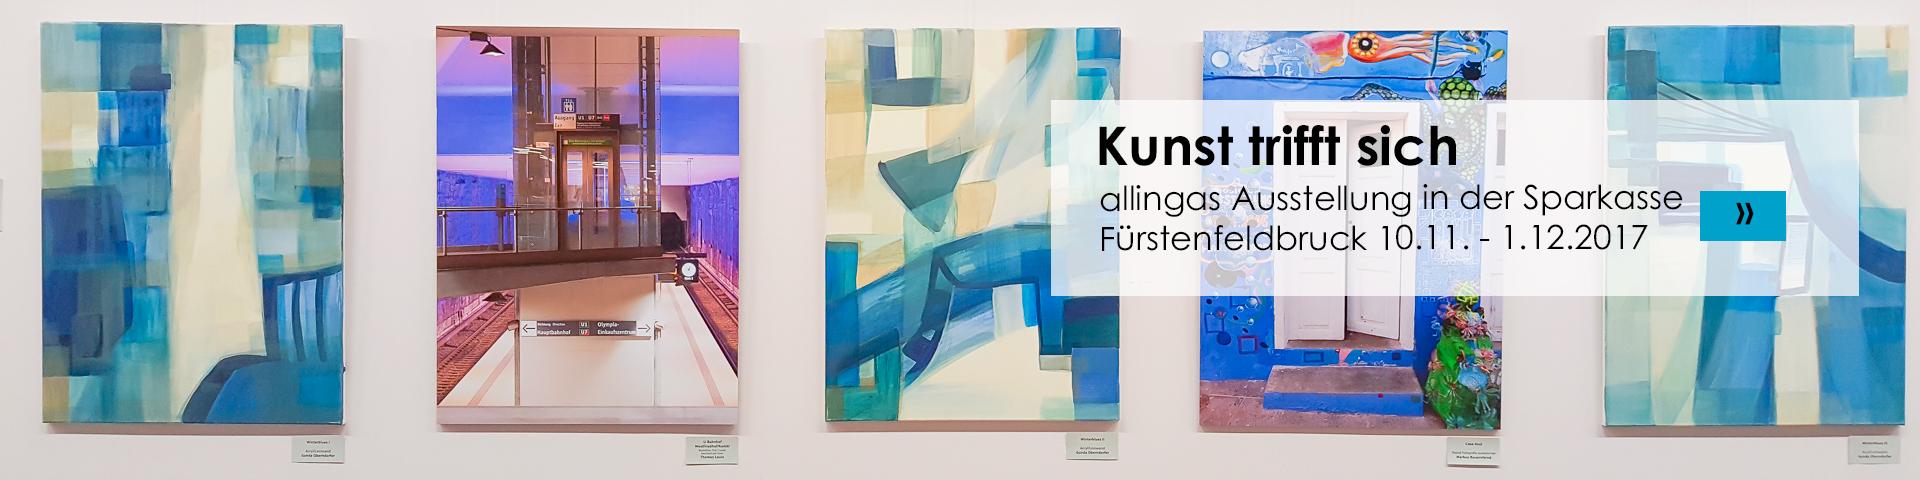 Kunst trifft sich - Ausstellung in der Sparkasse FFB